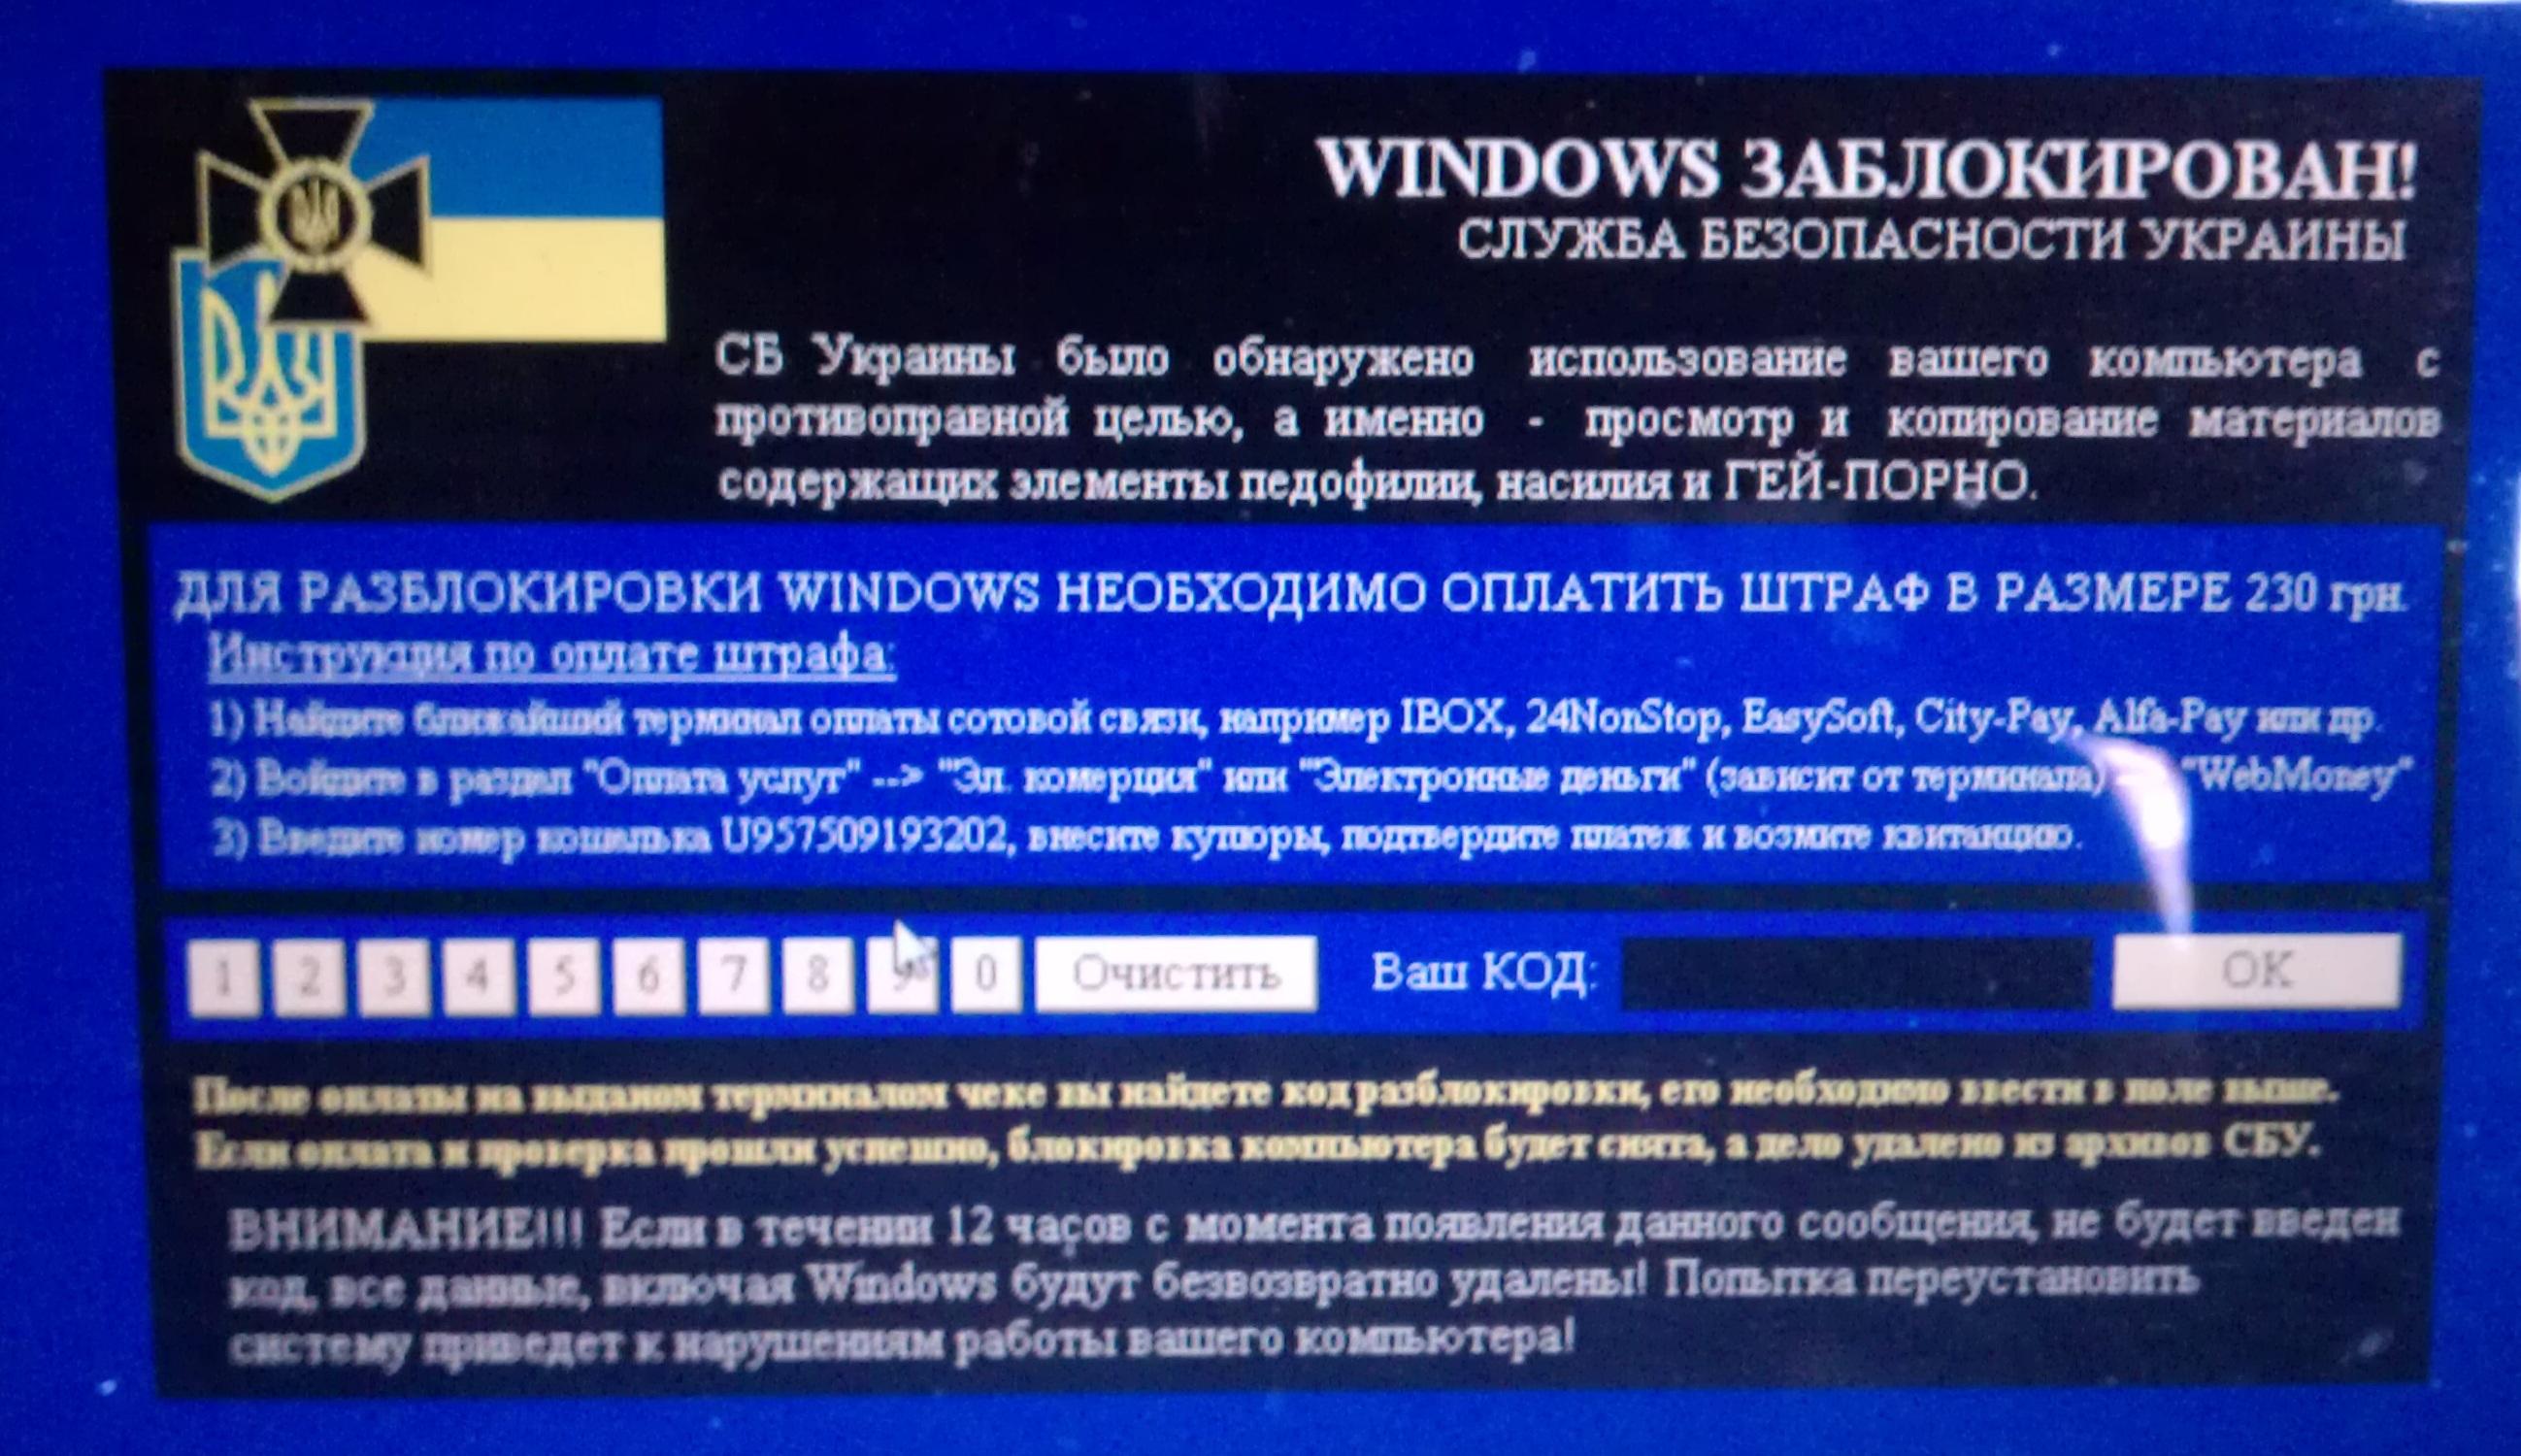 WINDOWS ЗАБЛОКИРОВАН! . Гей-порно. . Служба безопасности украины. . Штра